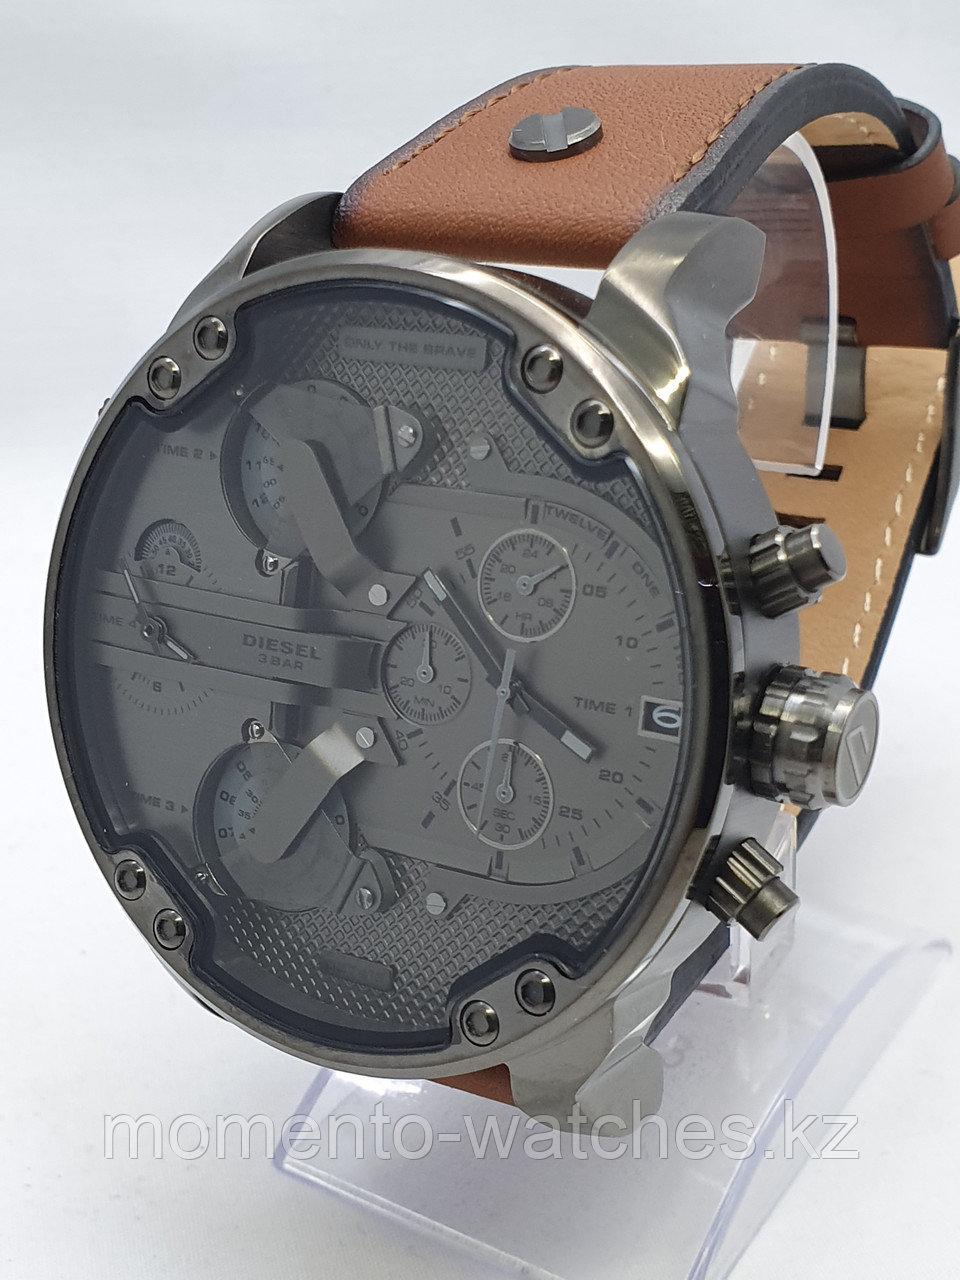 Мужские часы Diesel Chronograph 4 TIME